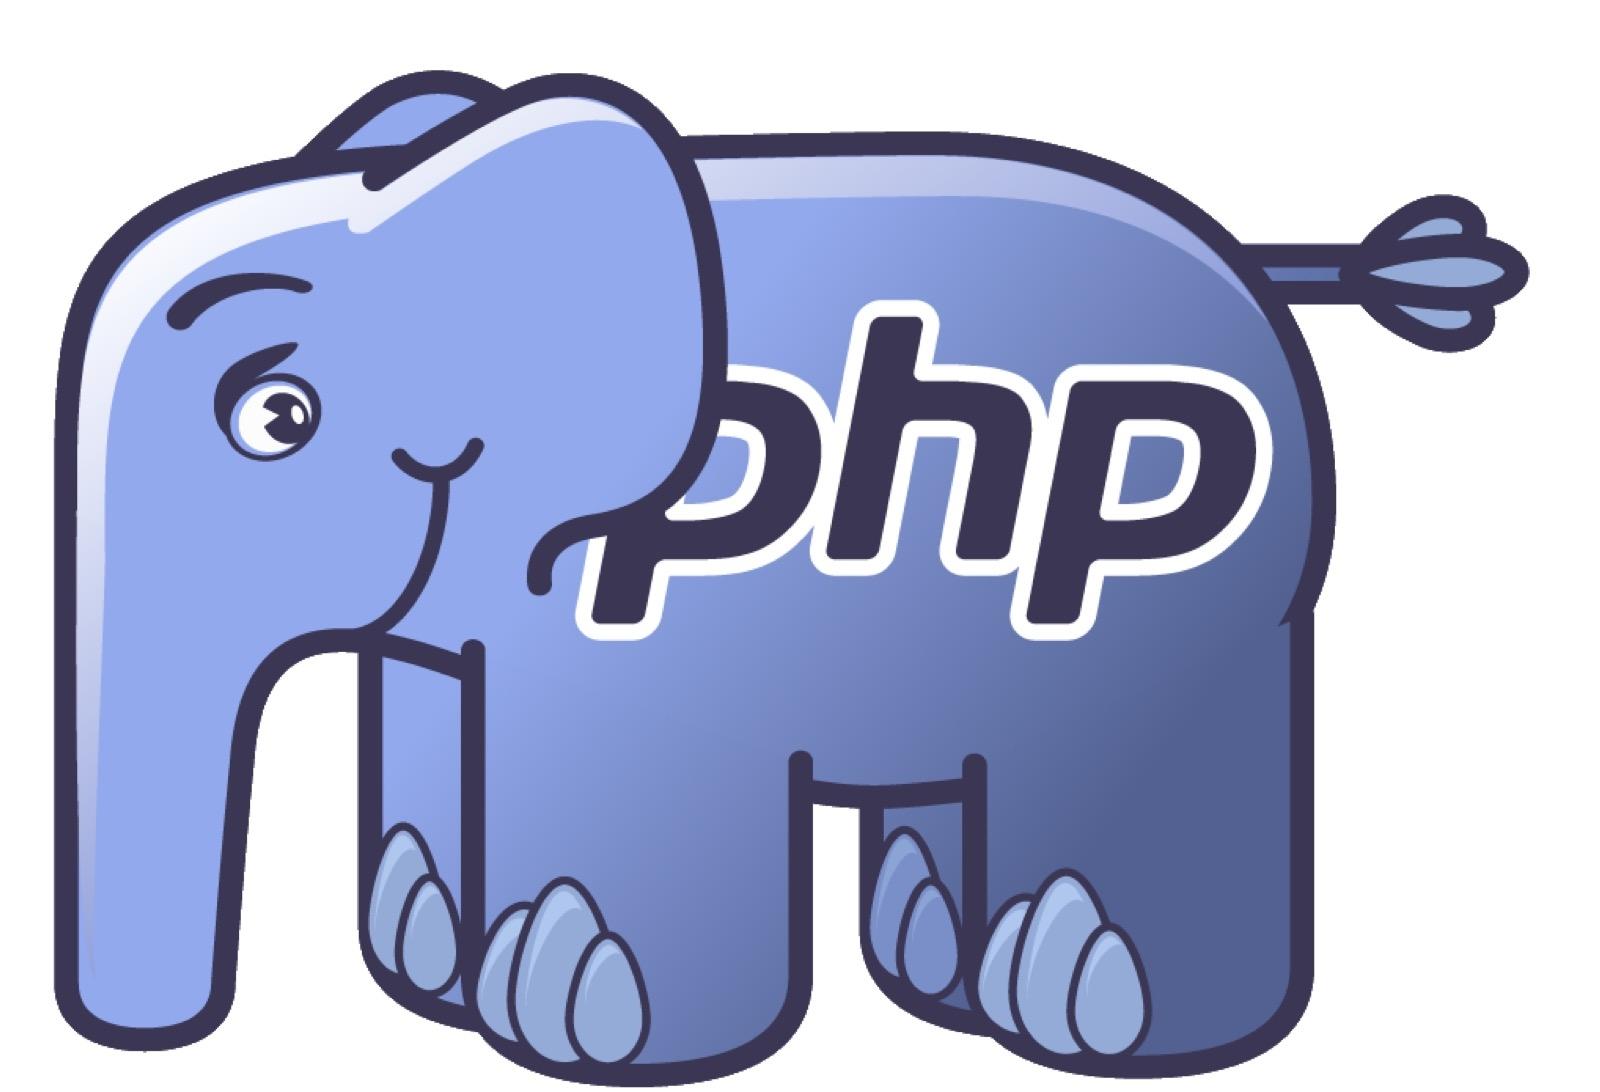 学习PHP常用的英文单词